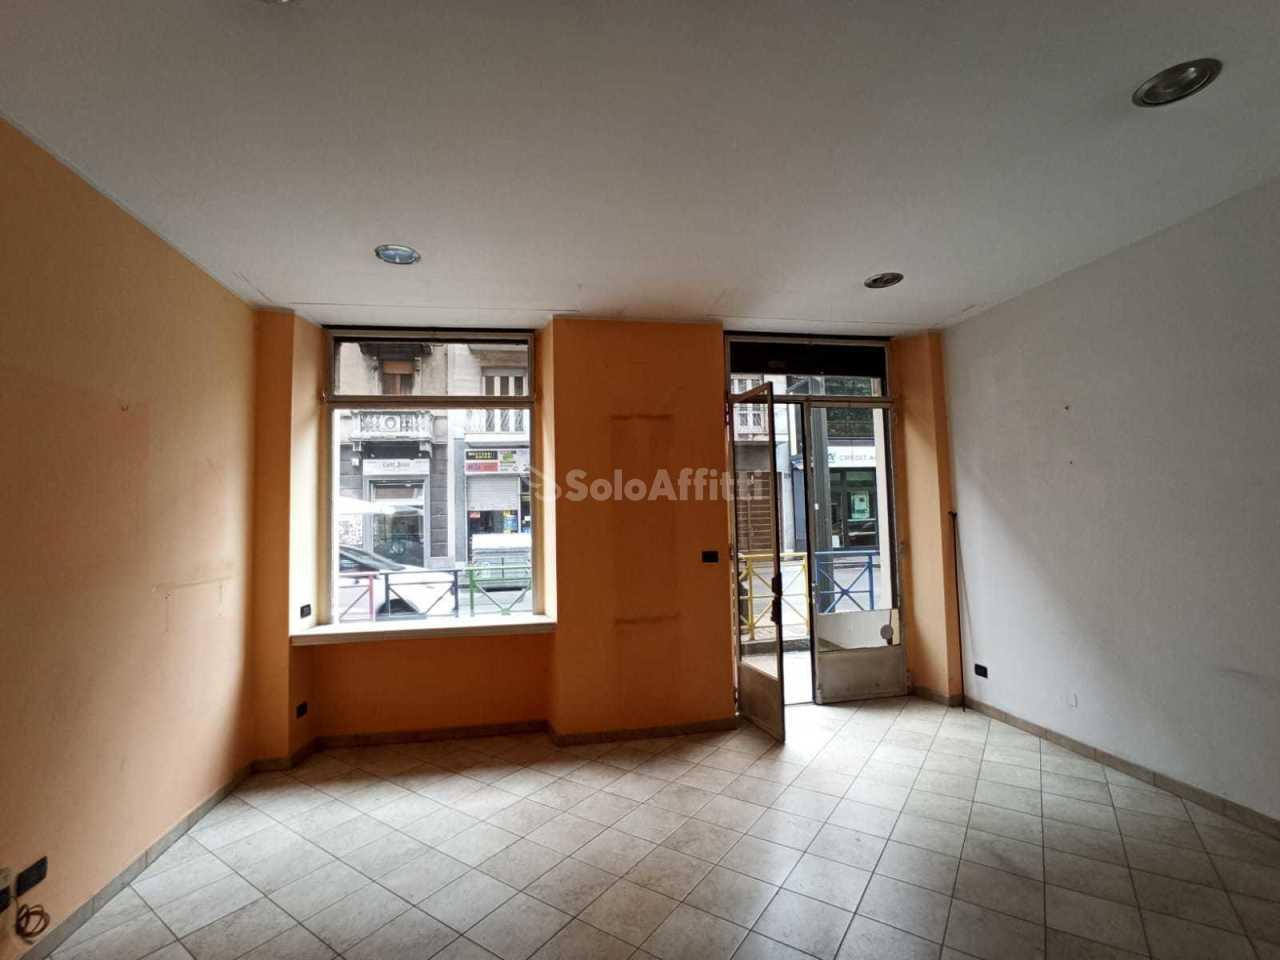 Negozio / Locale in affitto a Torino, 1 locali, prezzo € 400 | PortaleAgenzieImmobiliari.it